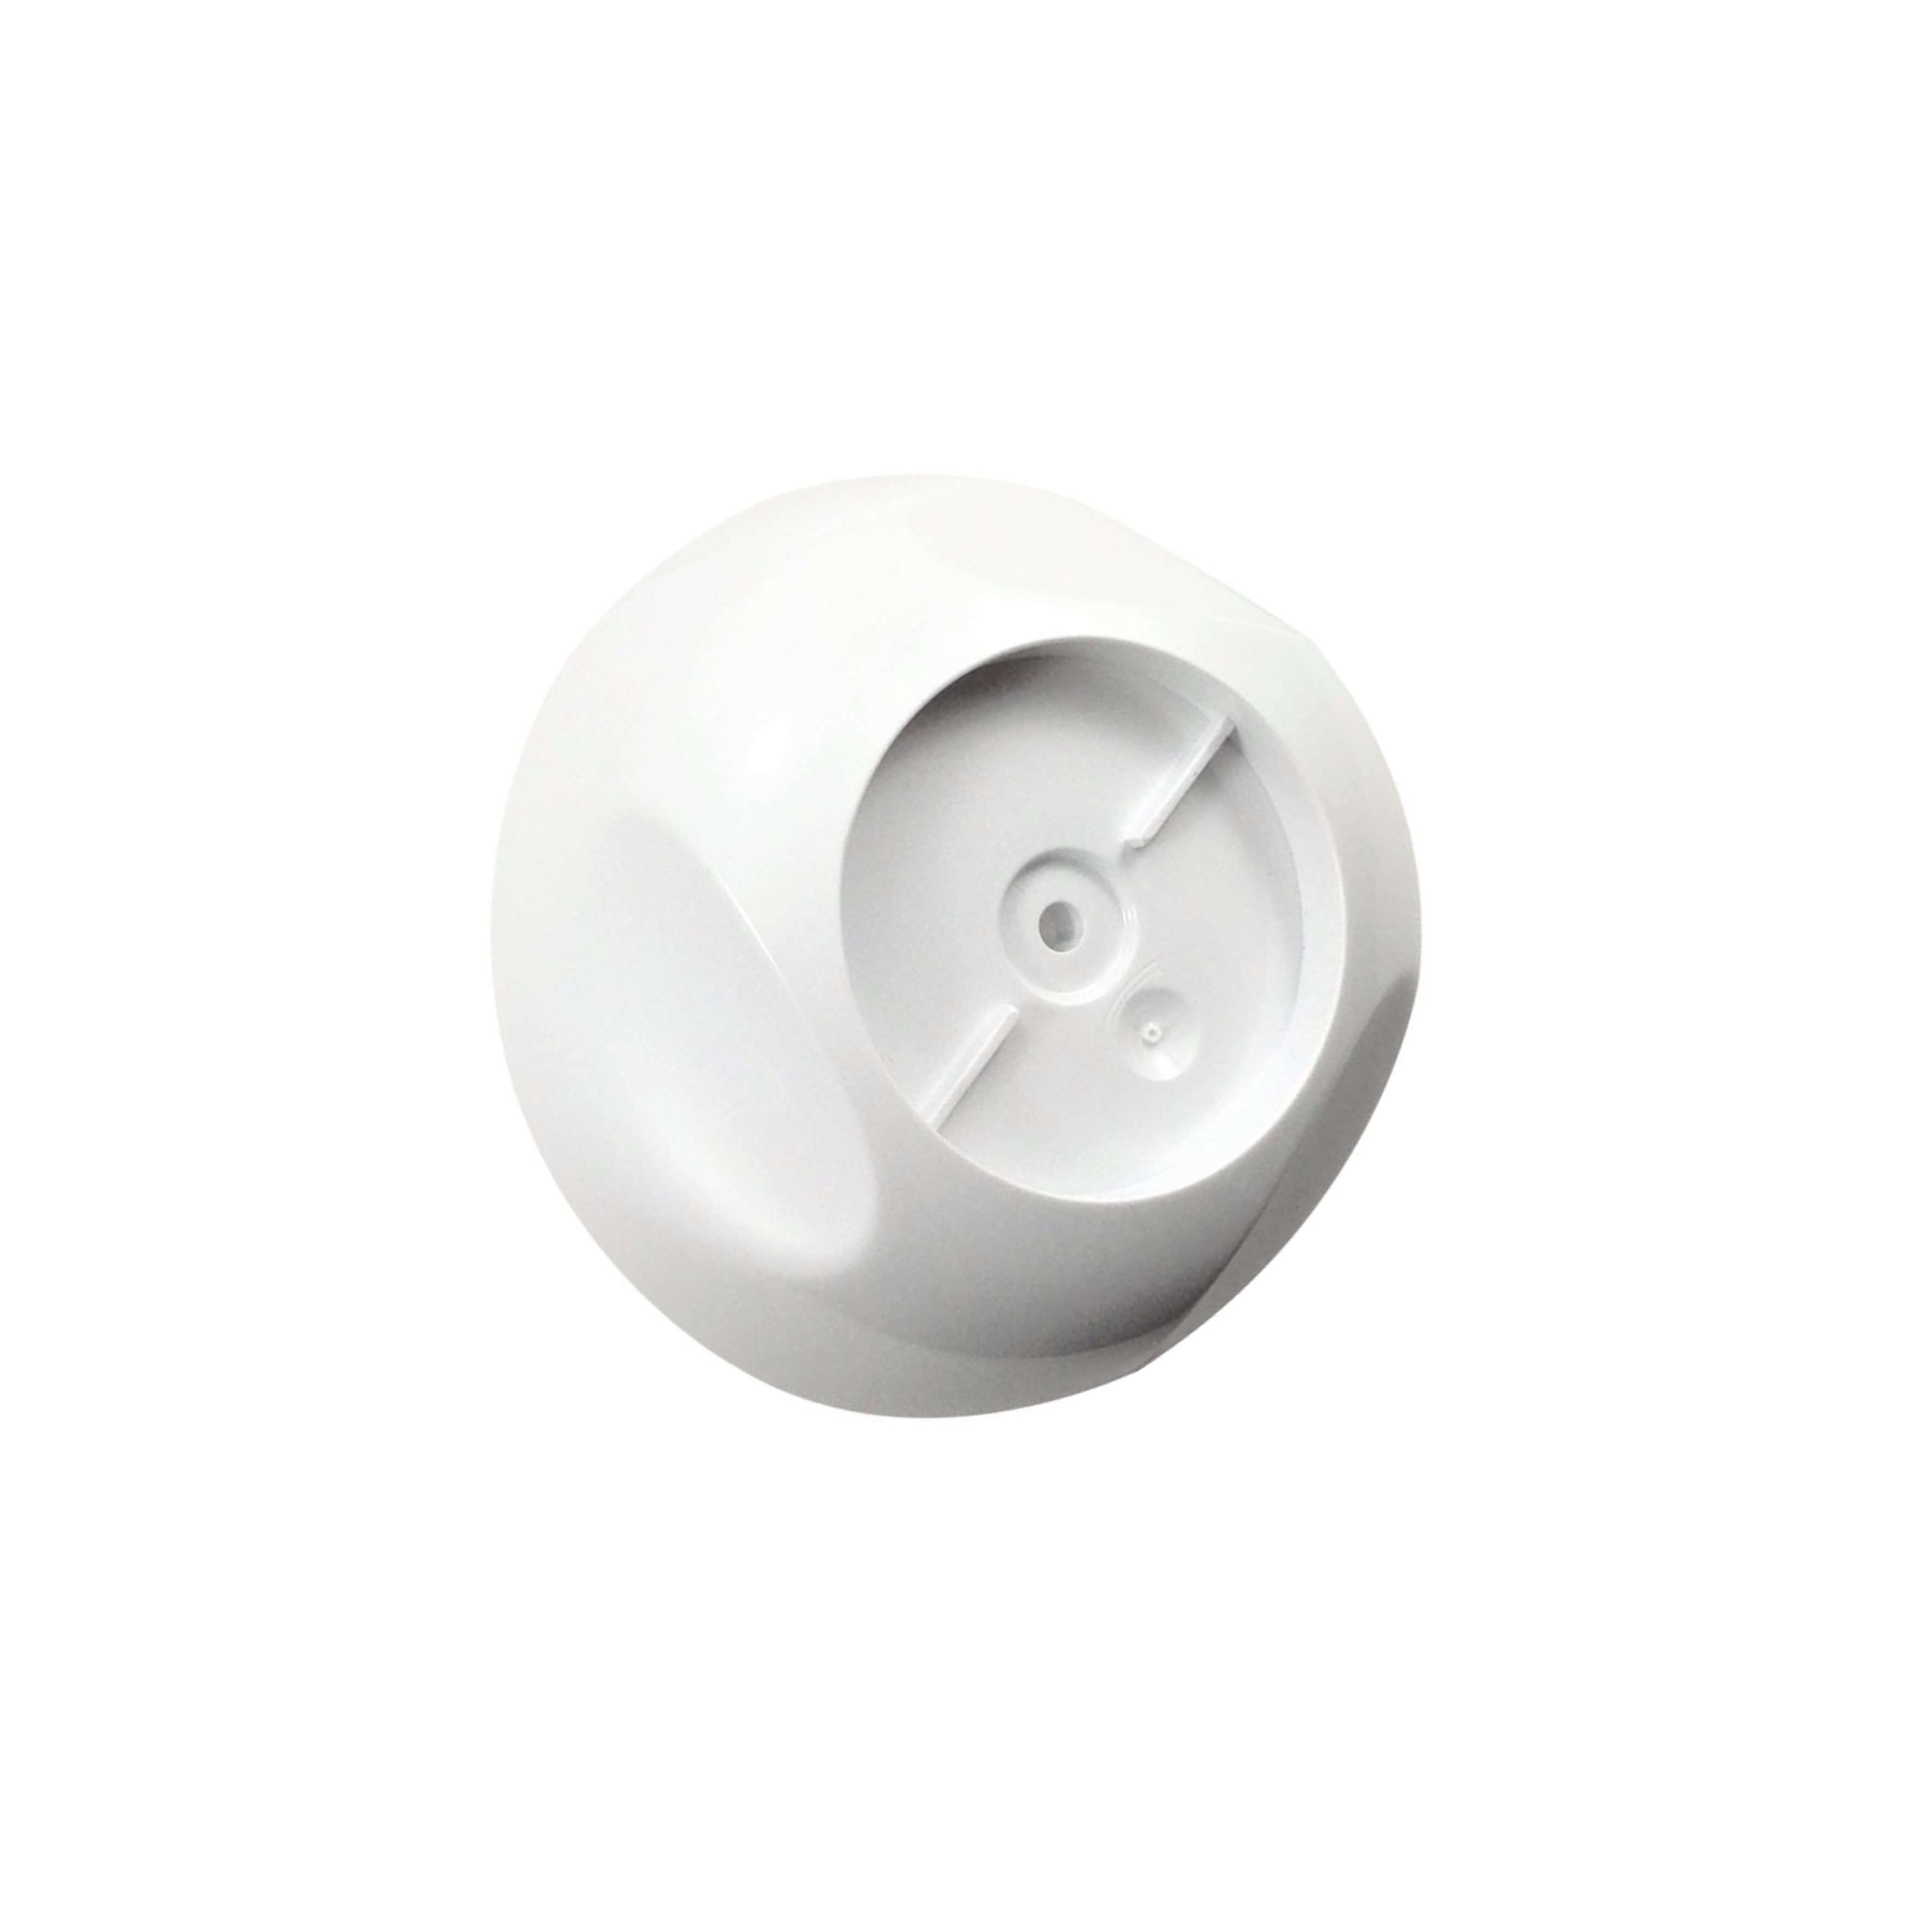 Aqualisa Control Knob White 213001